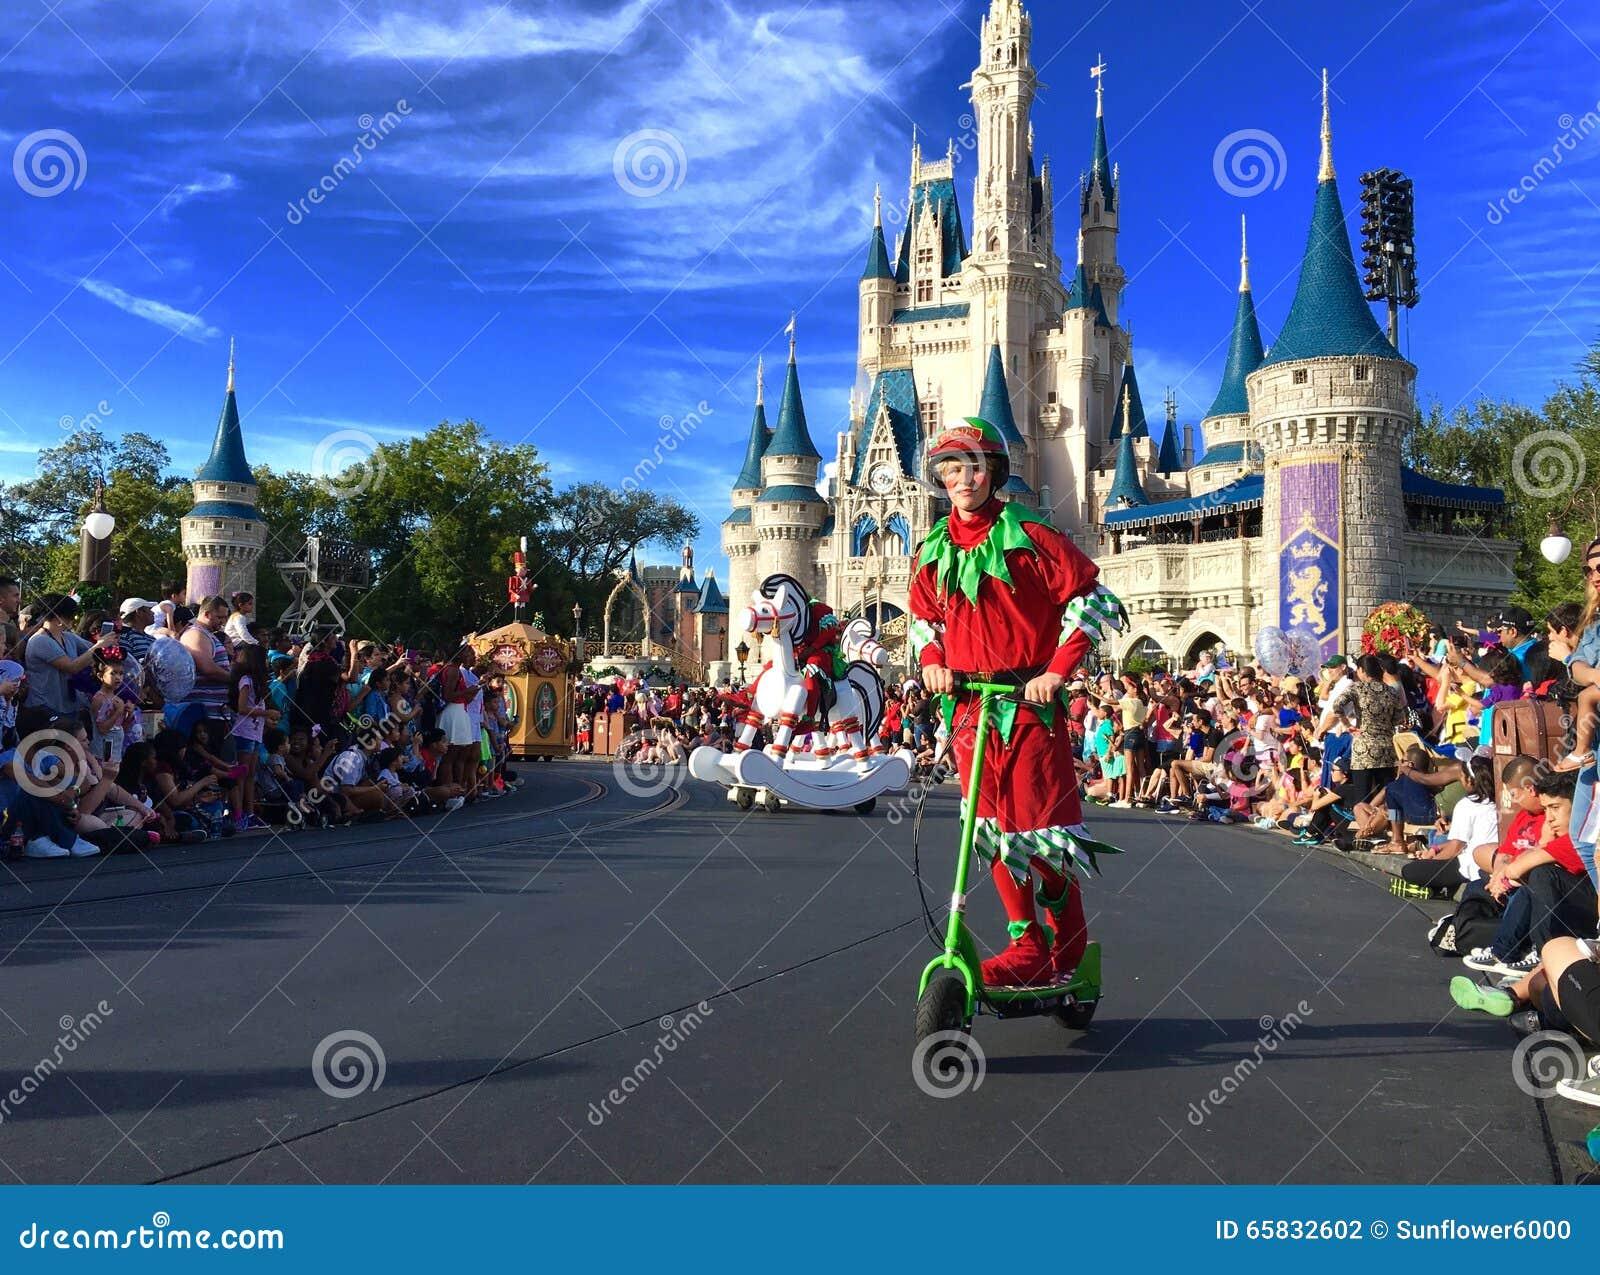 Disney Christmas Parade.Mickey S Very Merry Christmas Parade Party At Disney World